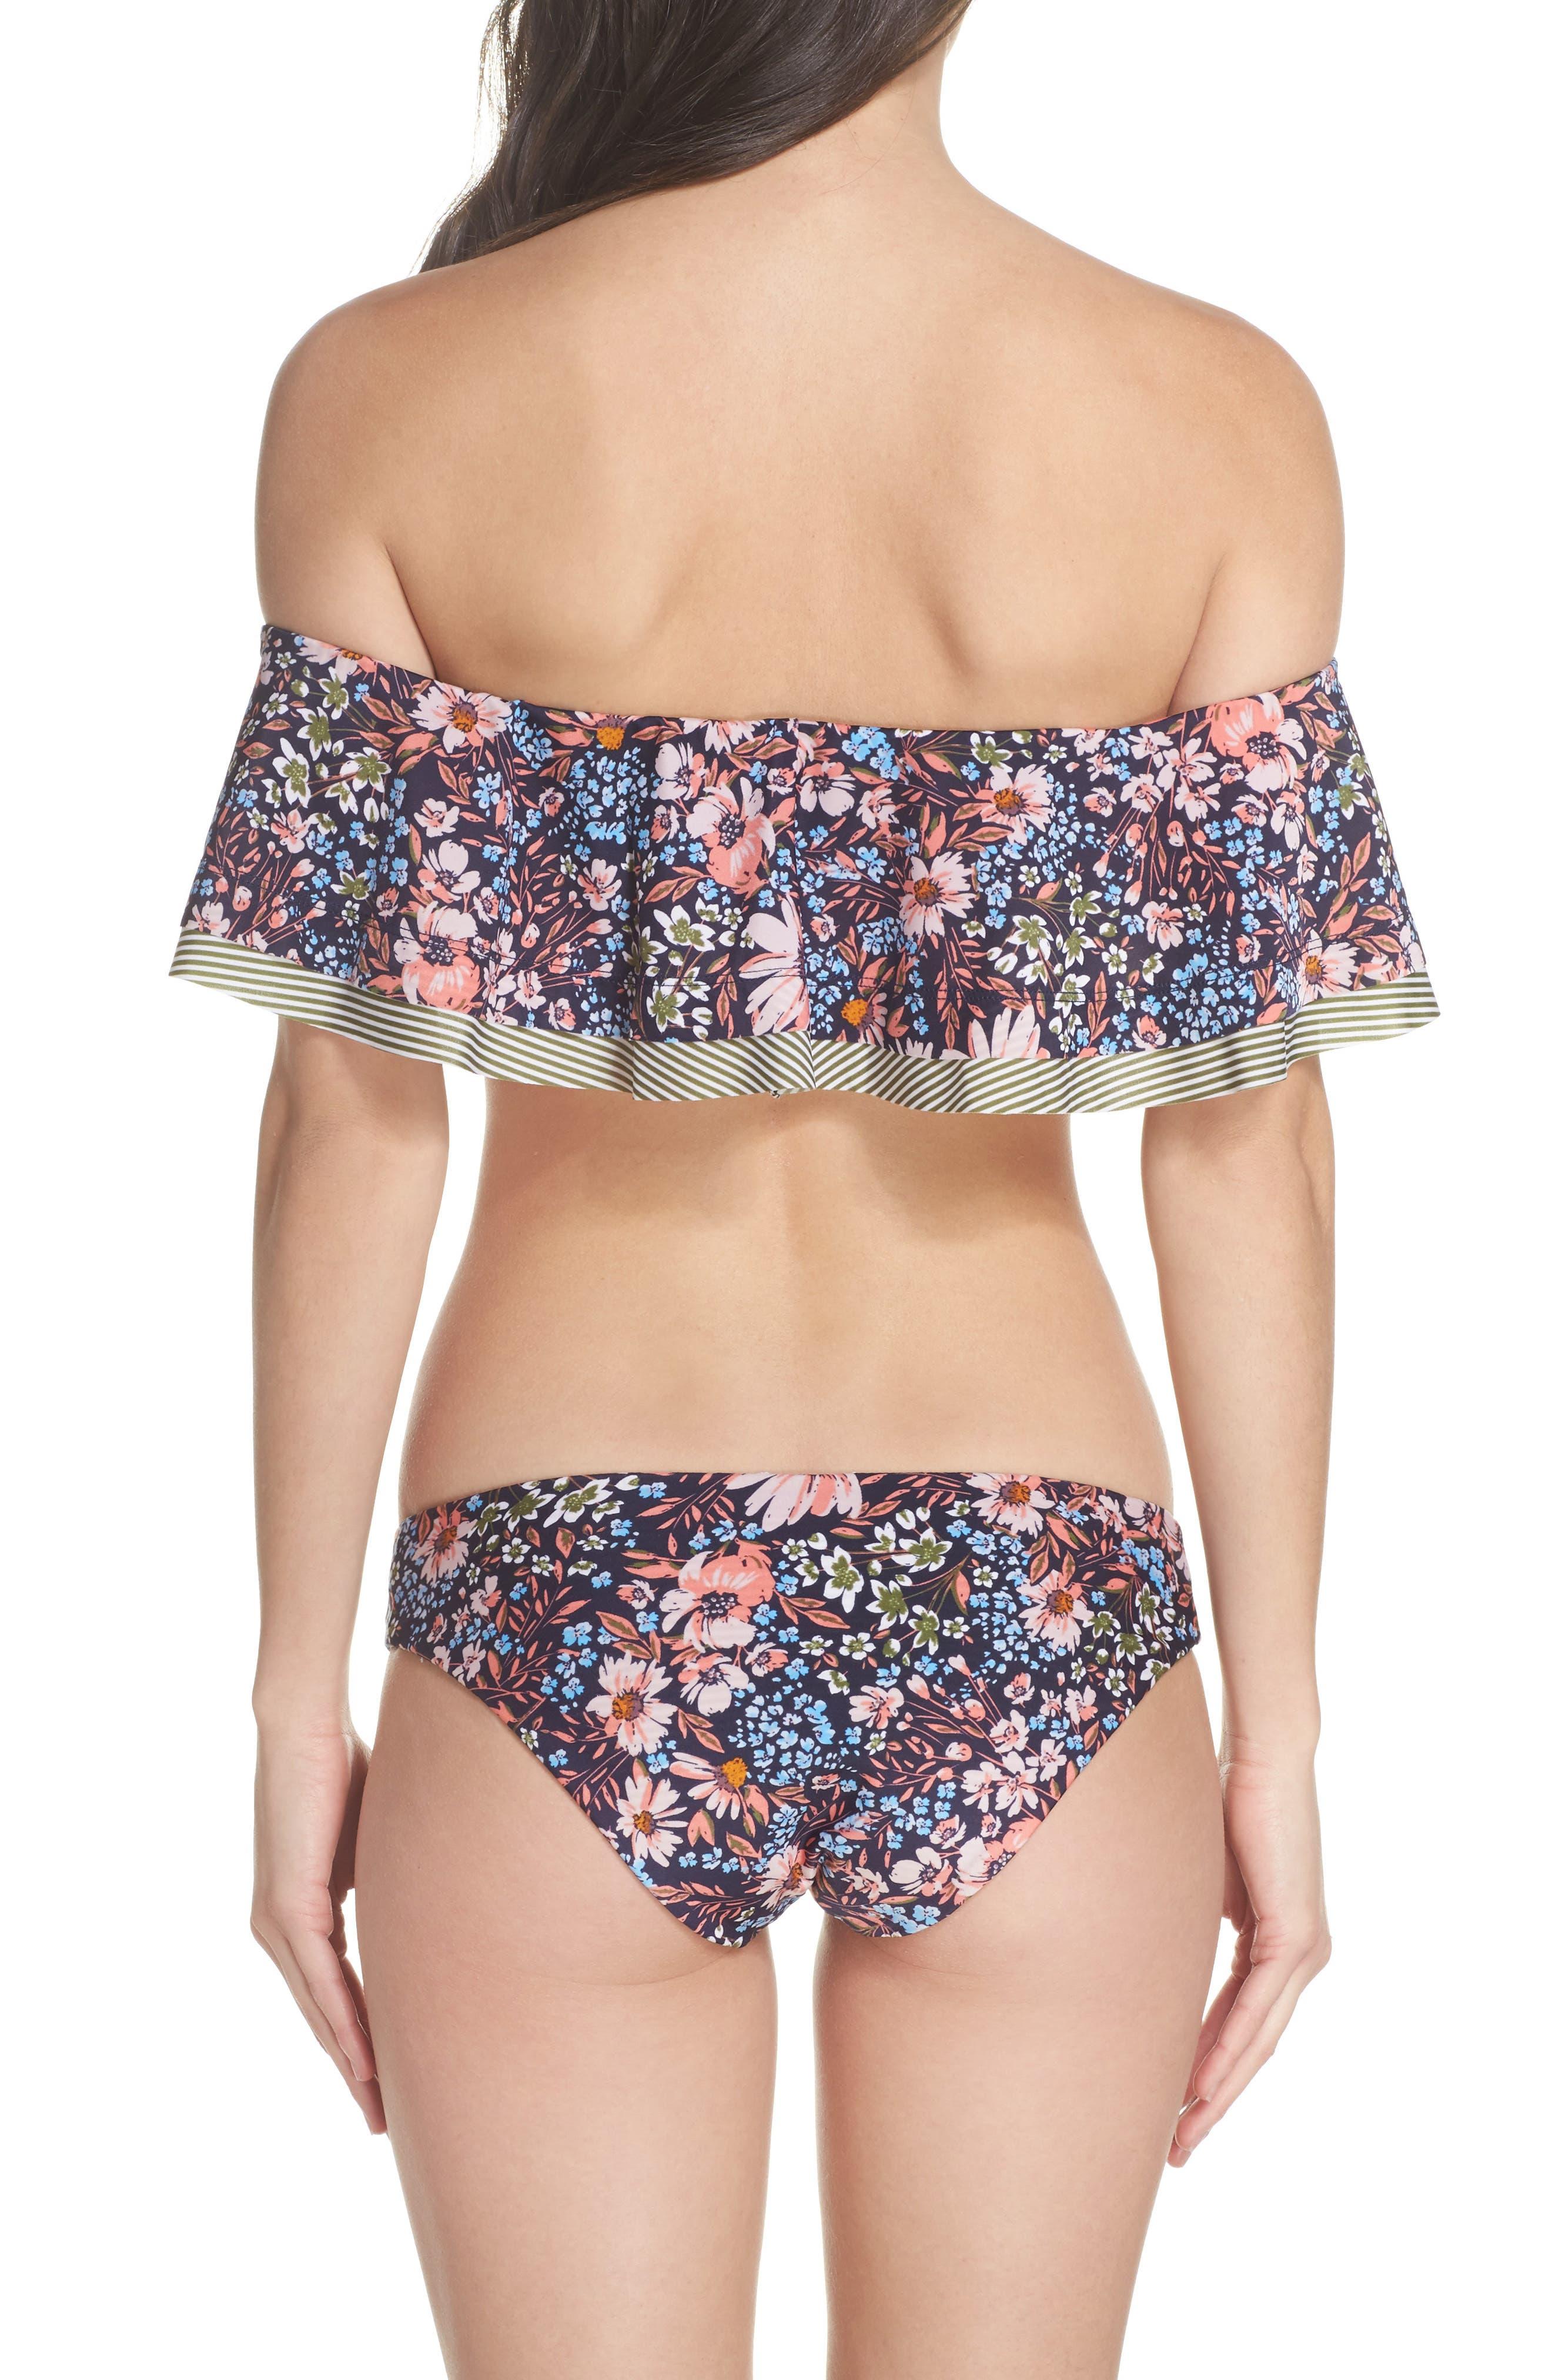 Enchanted Reversible Bikini Bottoms,                             Alternate thumbnail 7, color,                             Olive Multi